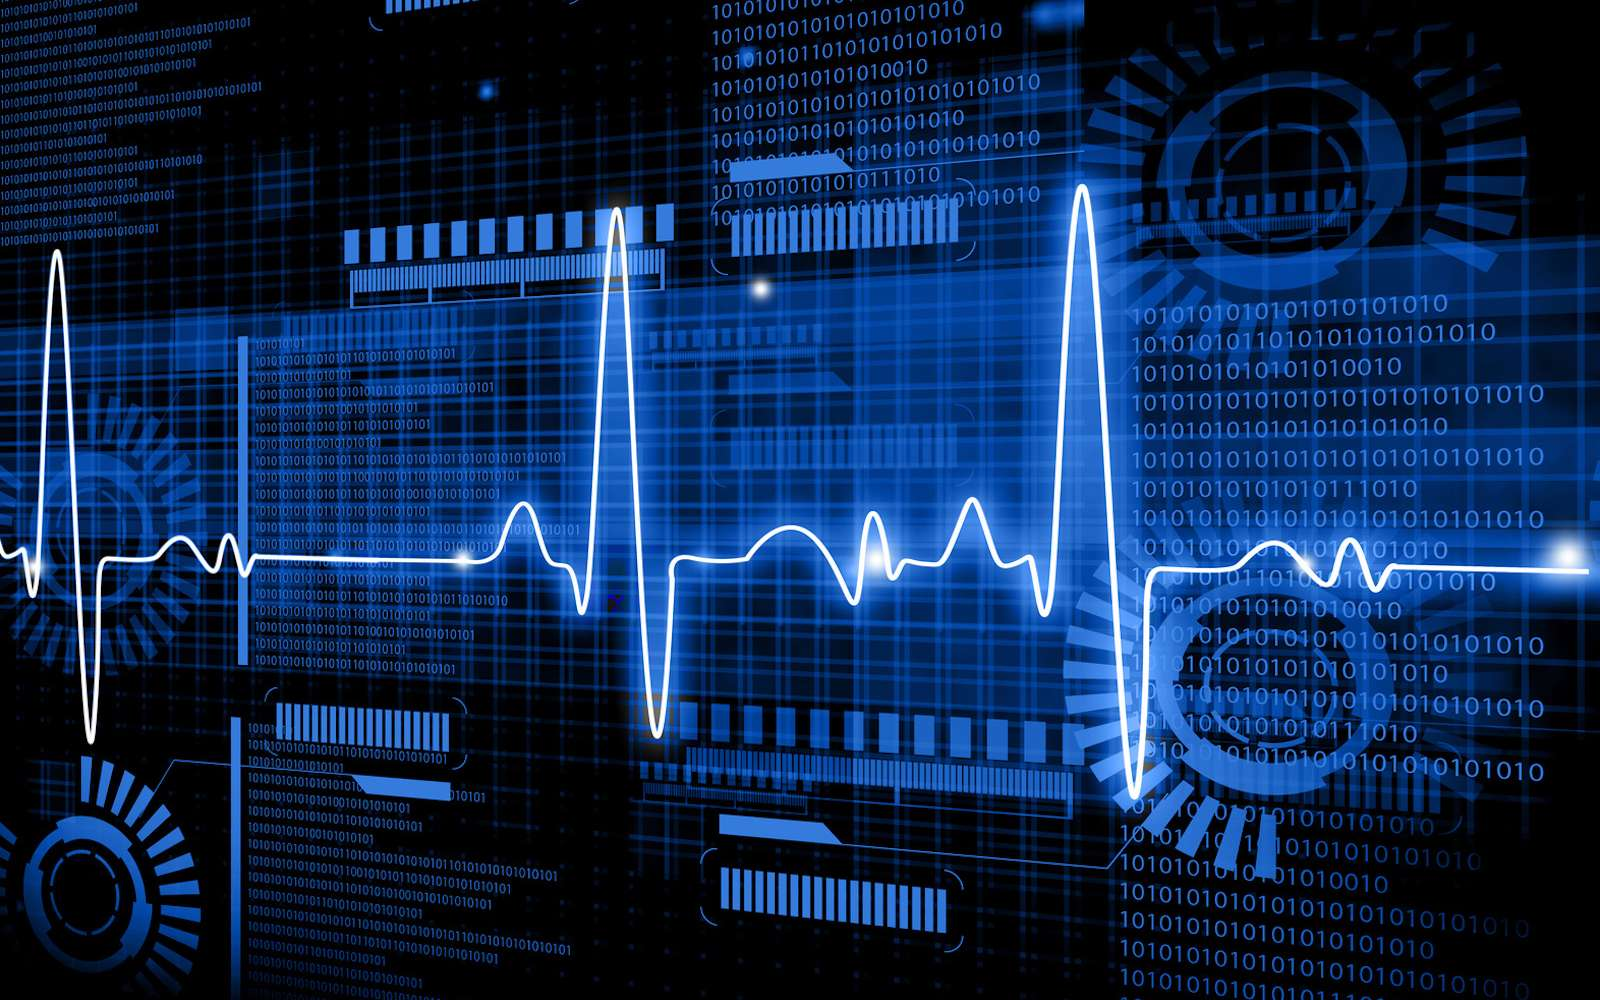 Les battements de cœur comme alternative à la reconnaissance faciale. © bluebay2014, Fotolia